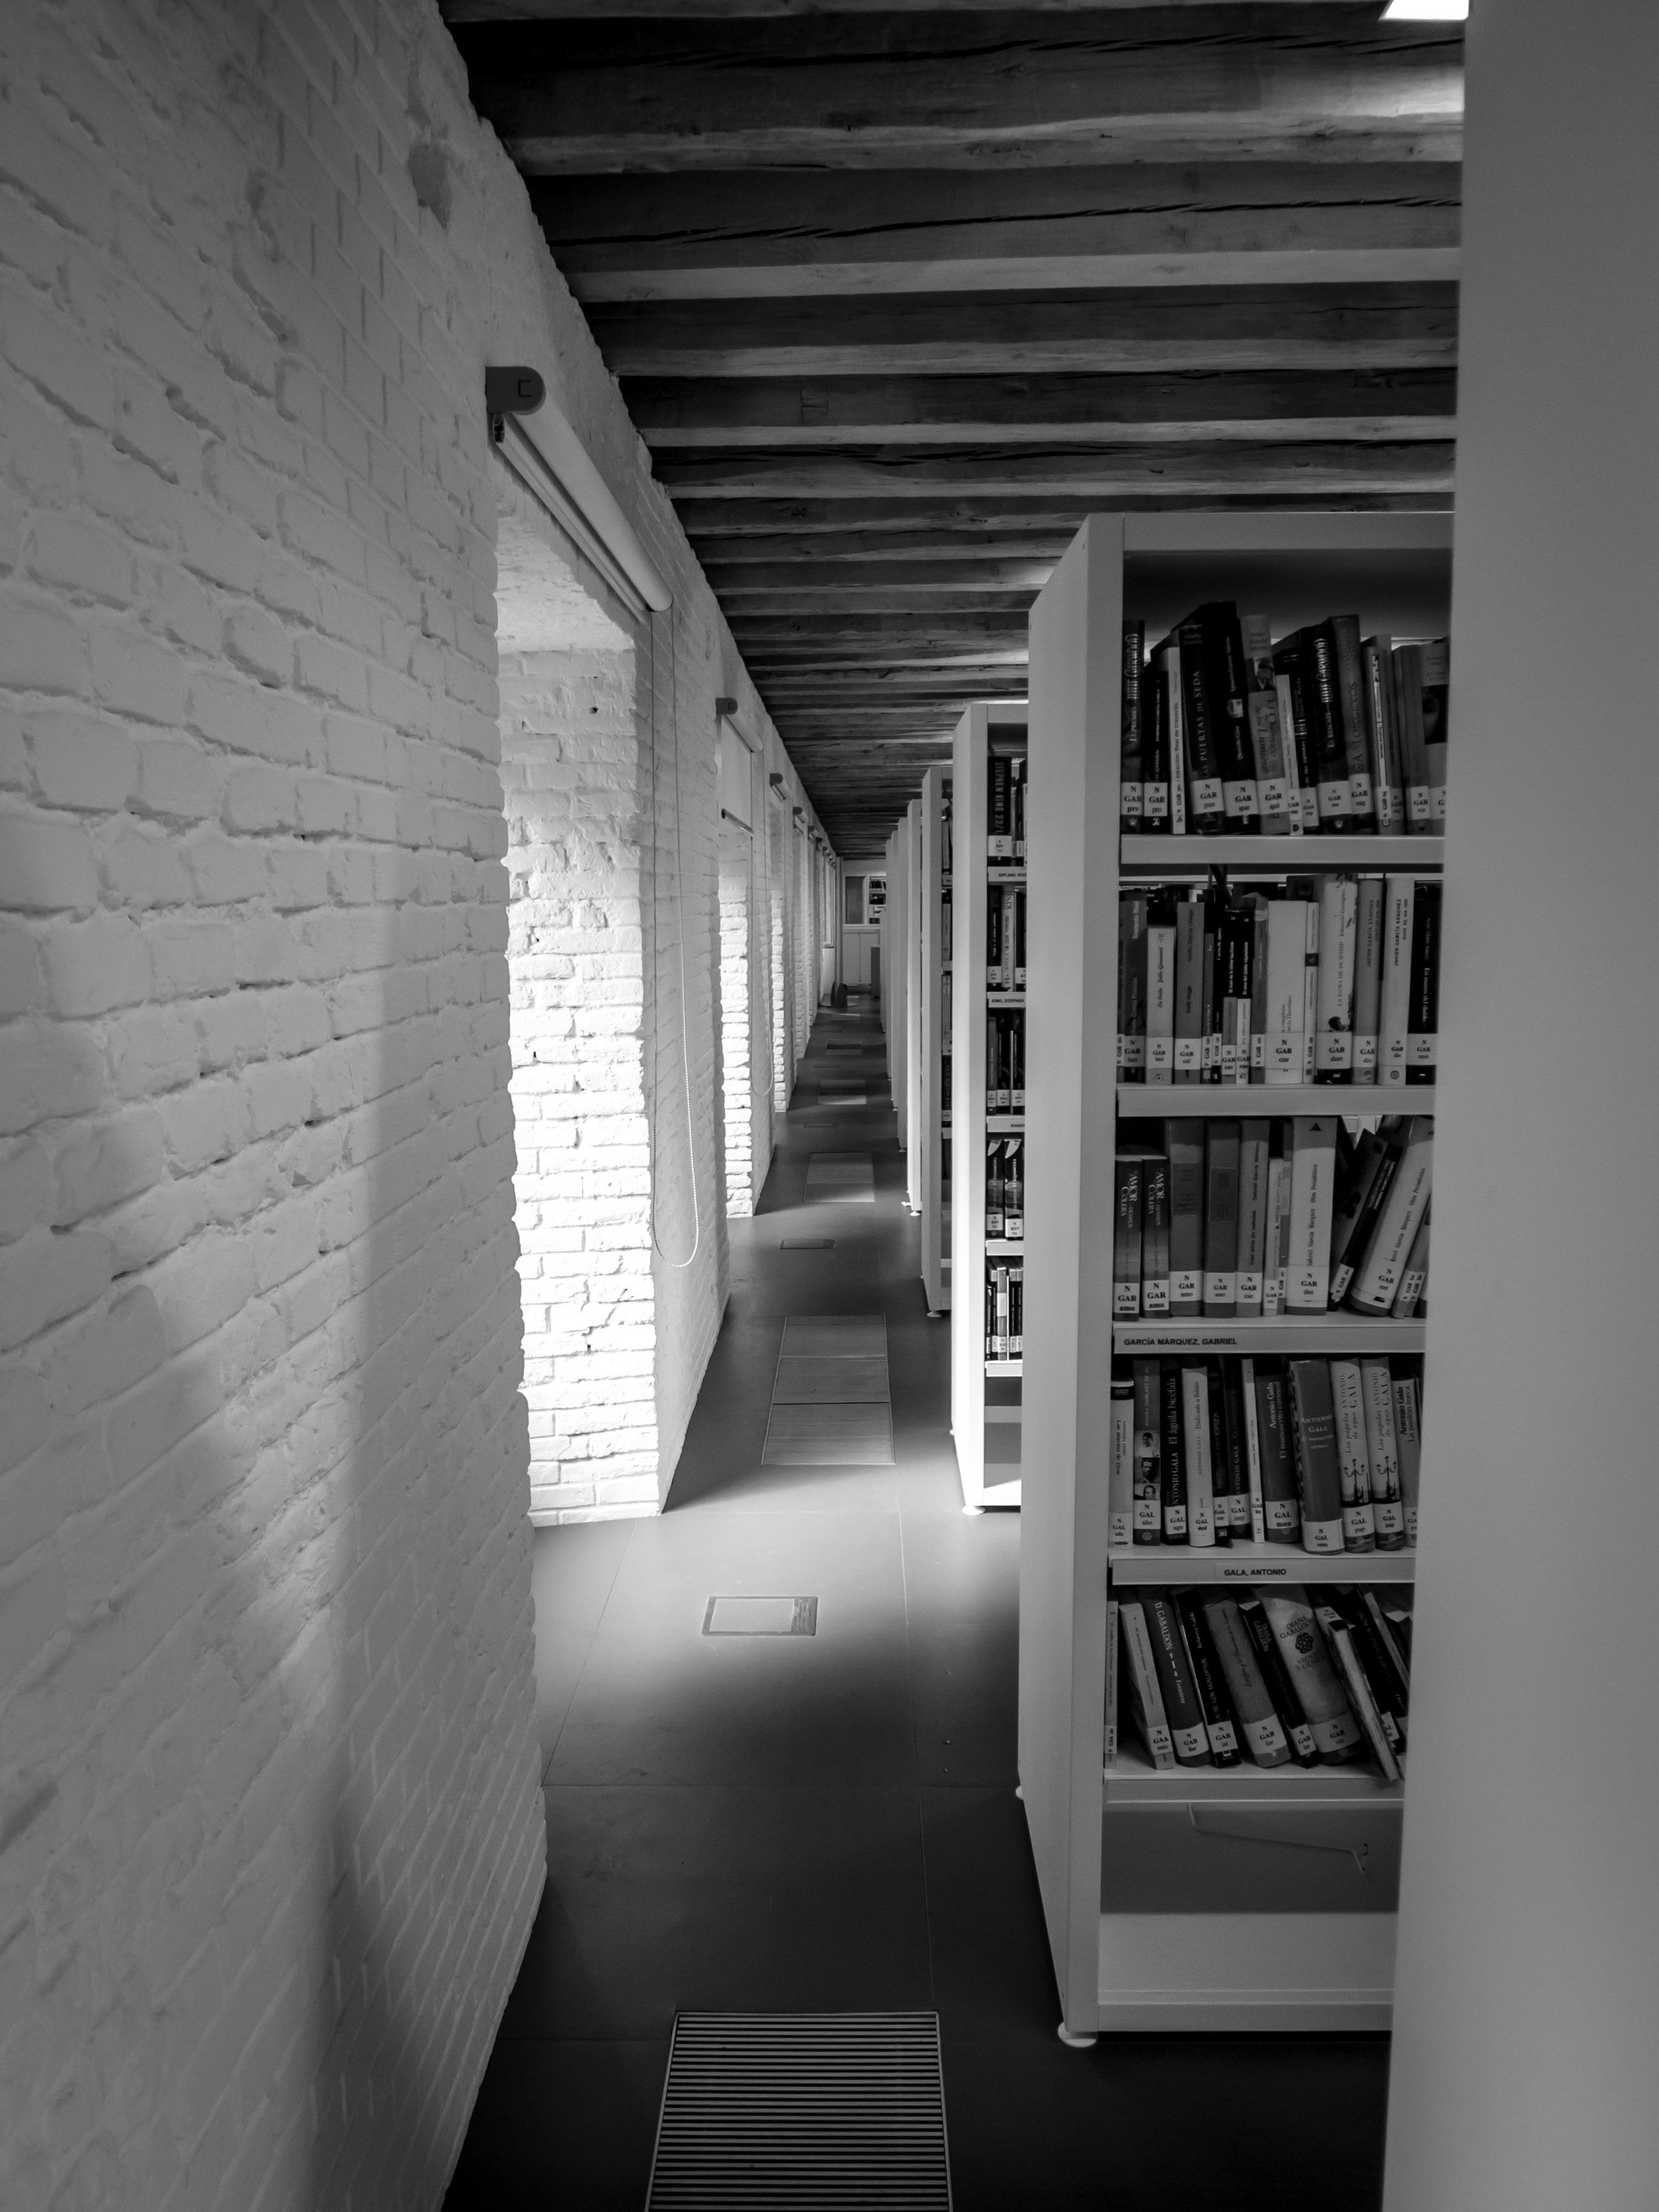 Книга свет в окне скачать бесплатно